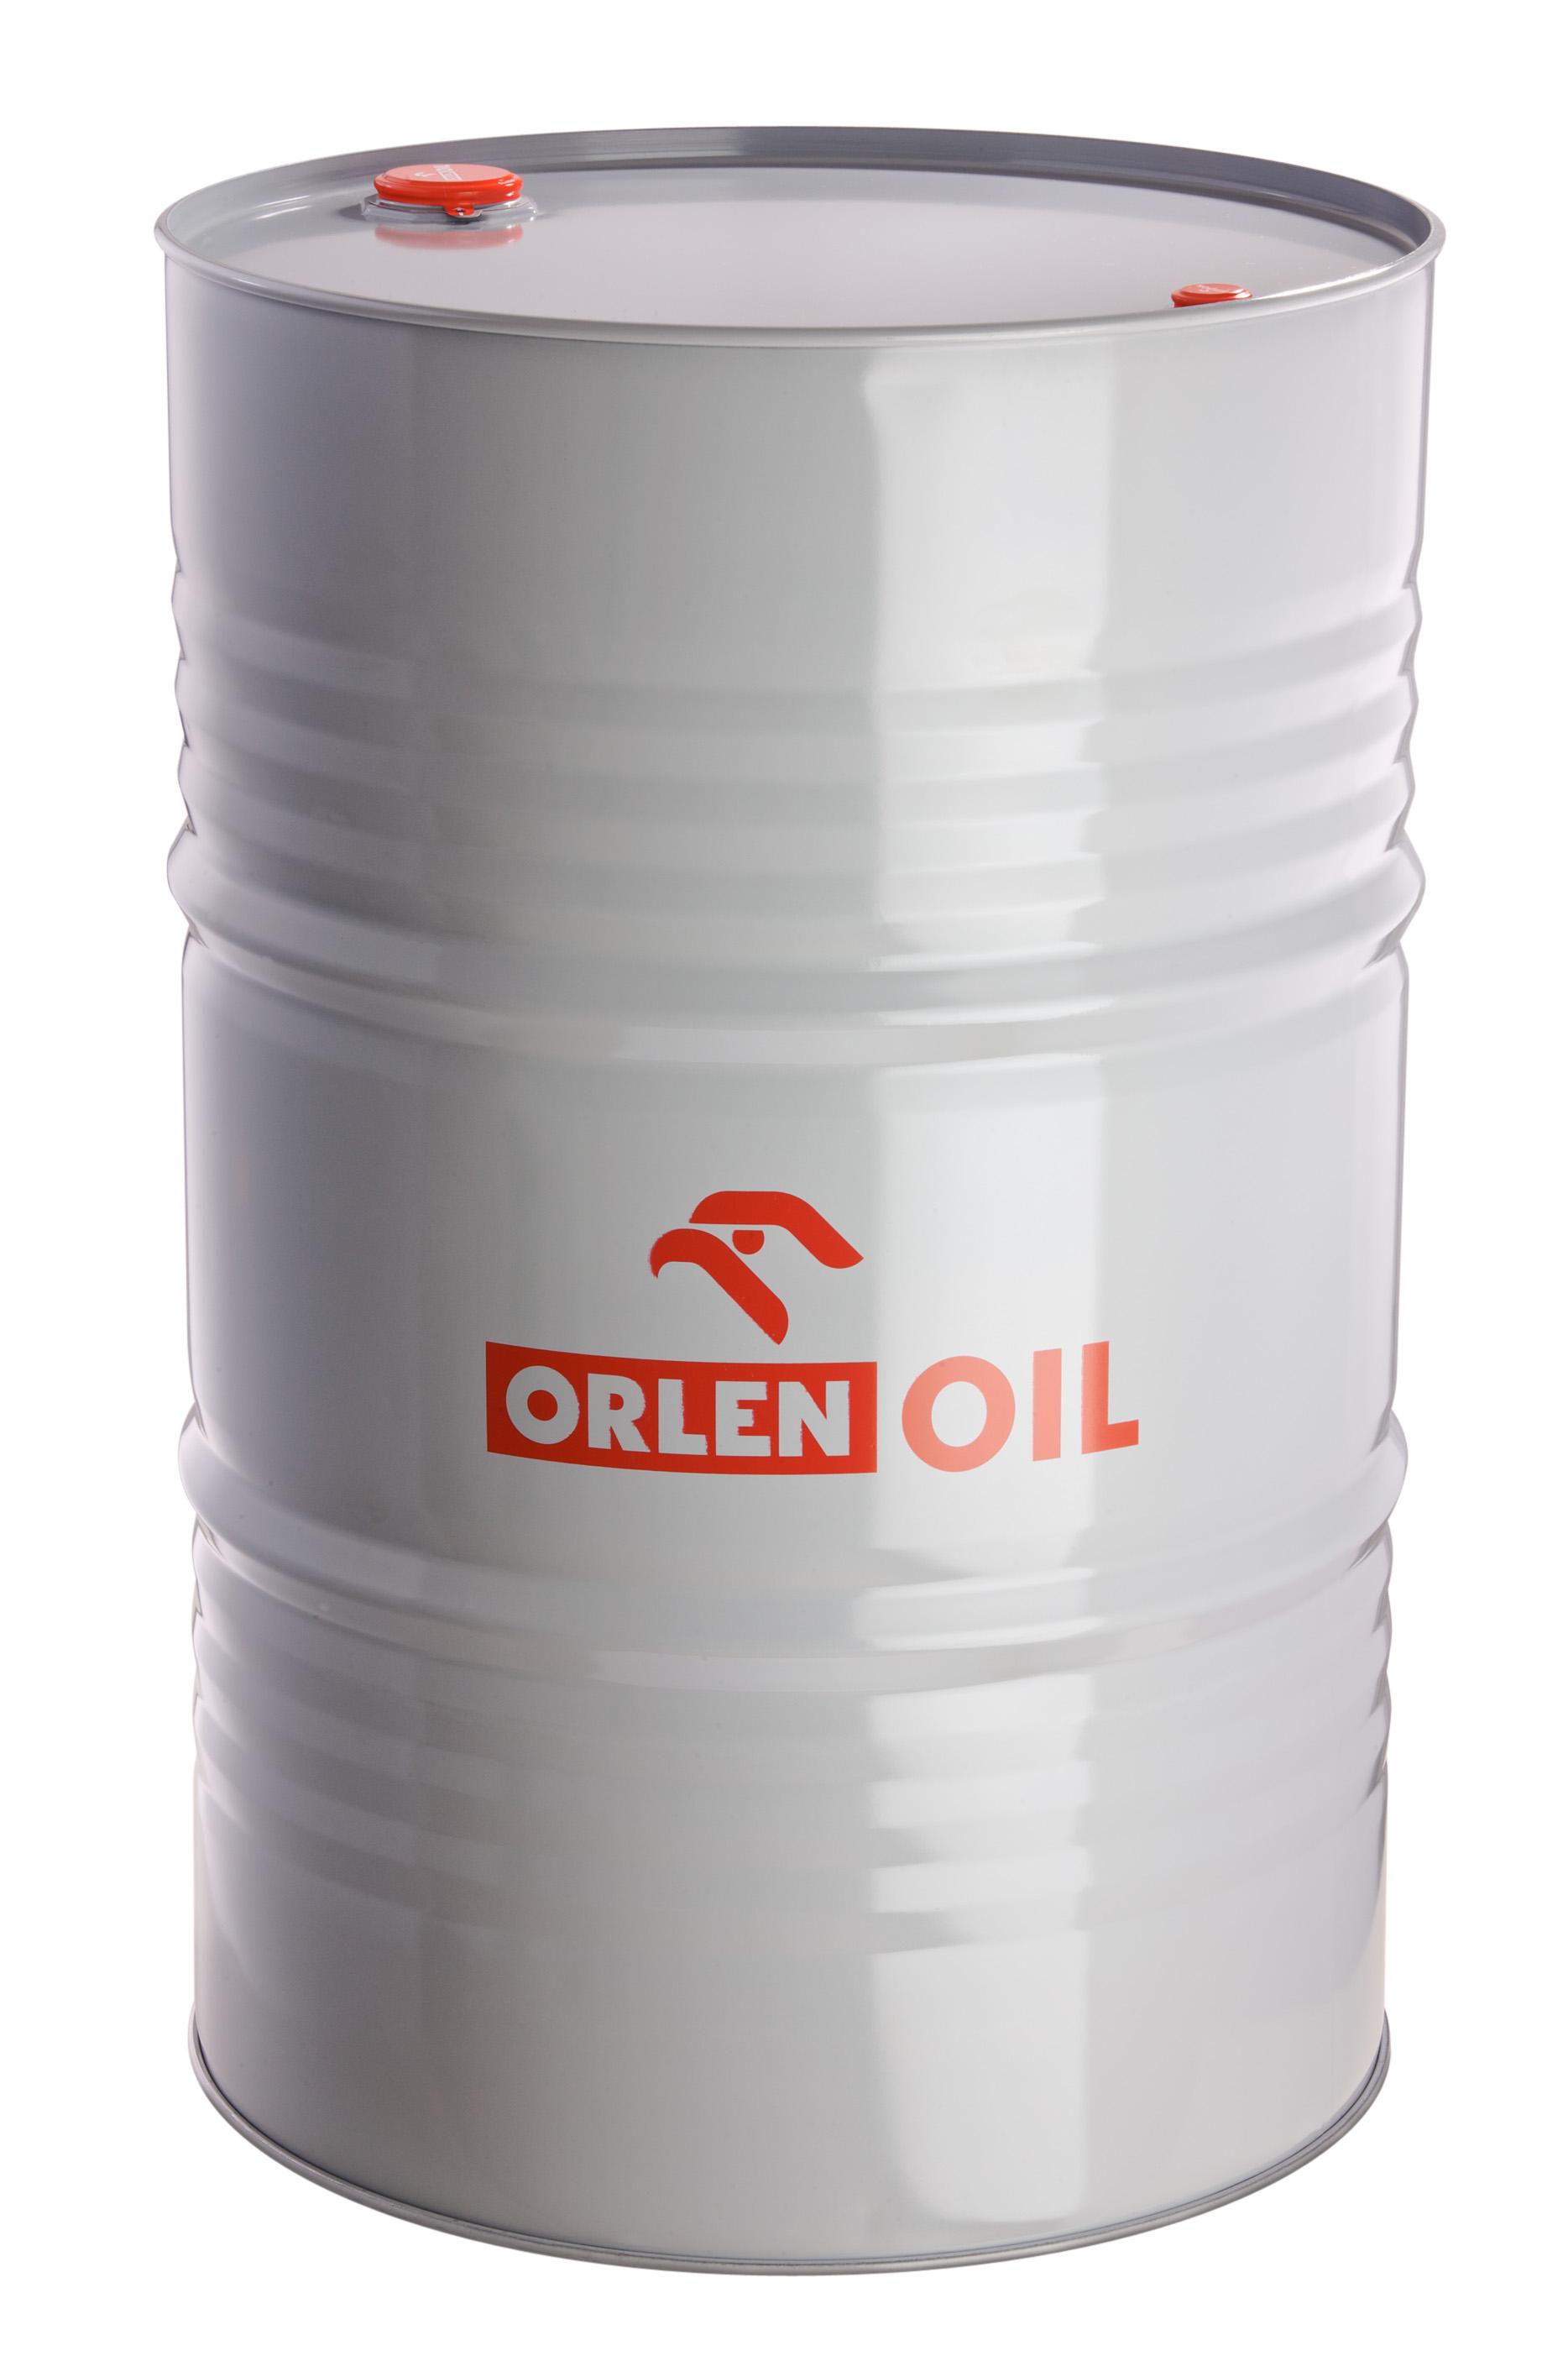 ORLEN OIL AGRO UTTO 10W/30   BECZKA 205L